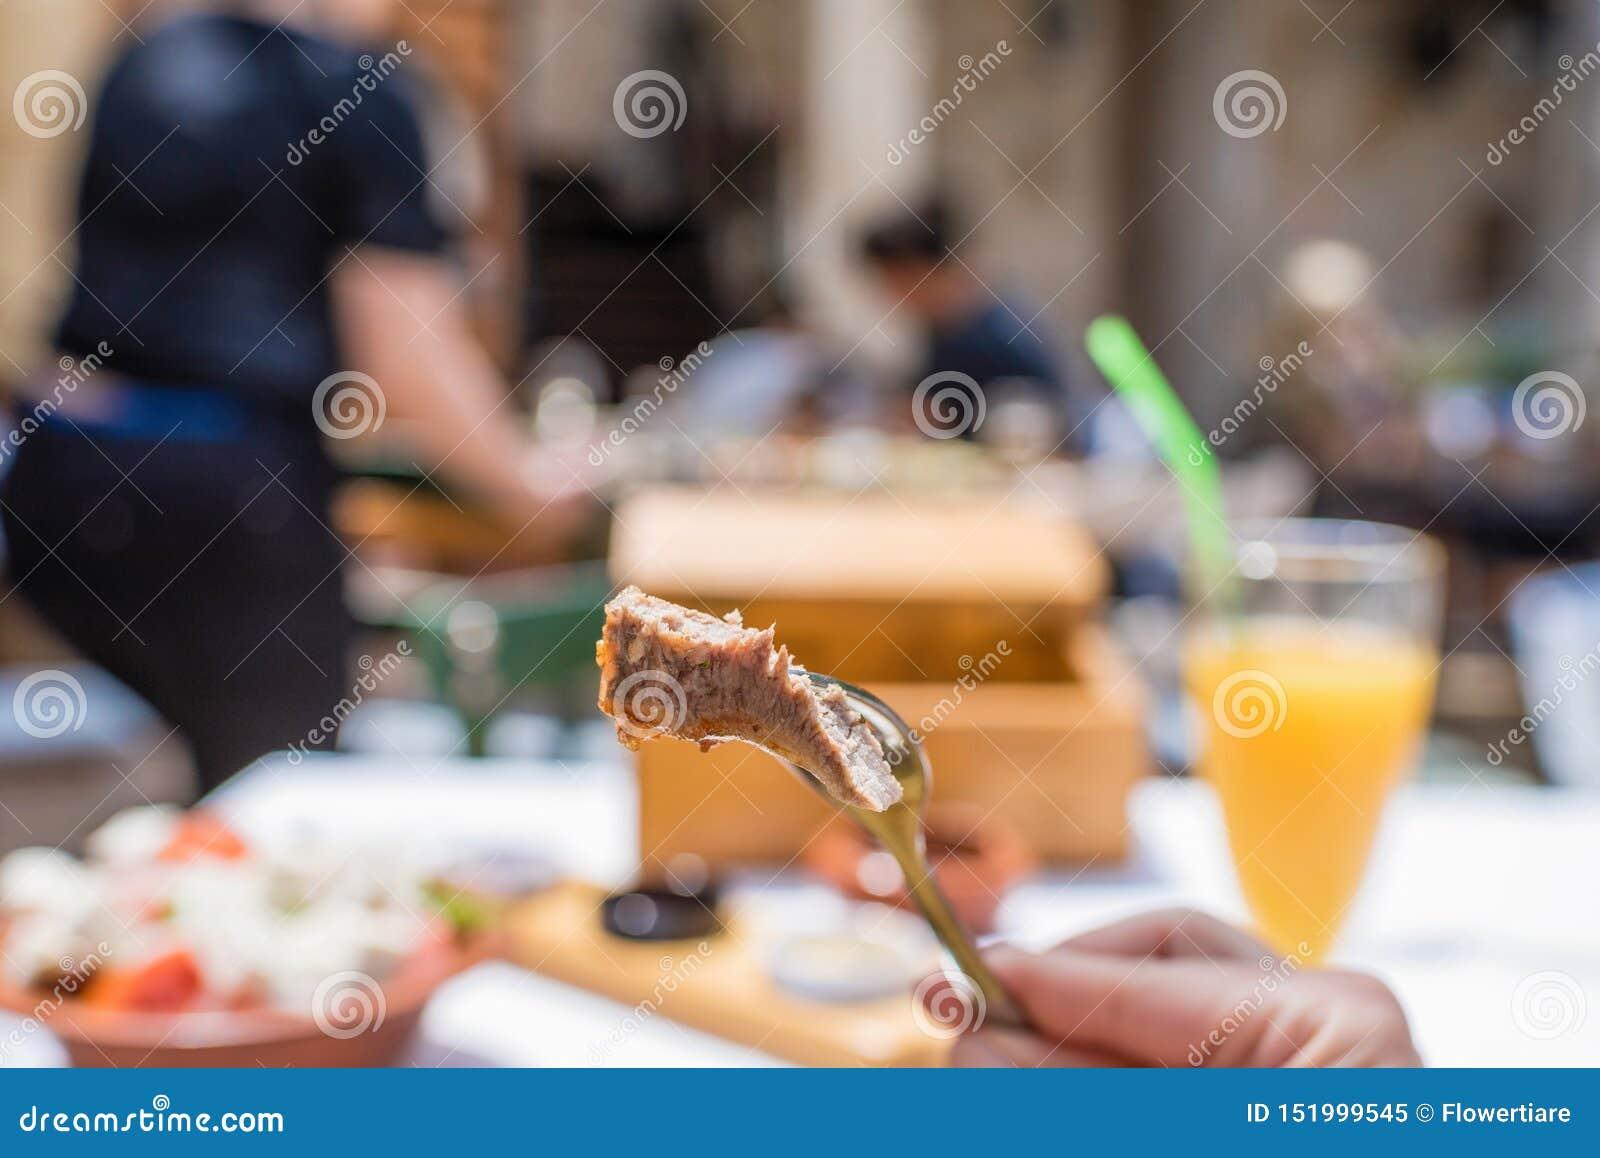 Gesneden geroosterde lamskoteletten op een vork De vrouw heeft een diner in een Griekse herberg